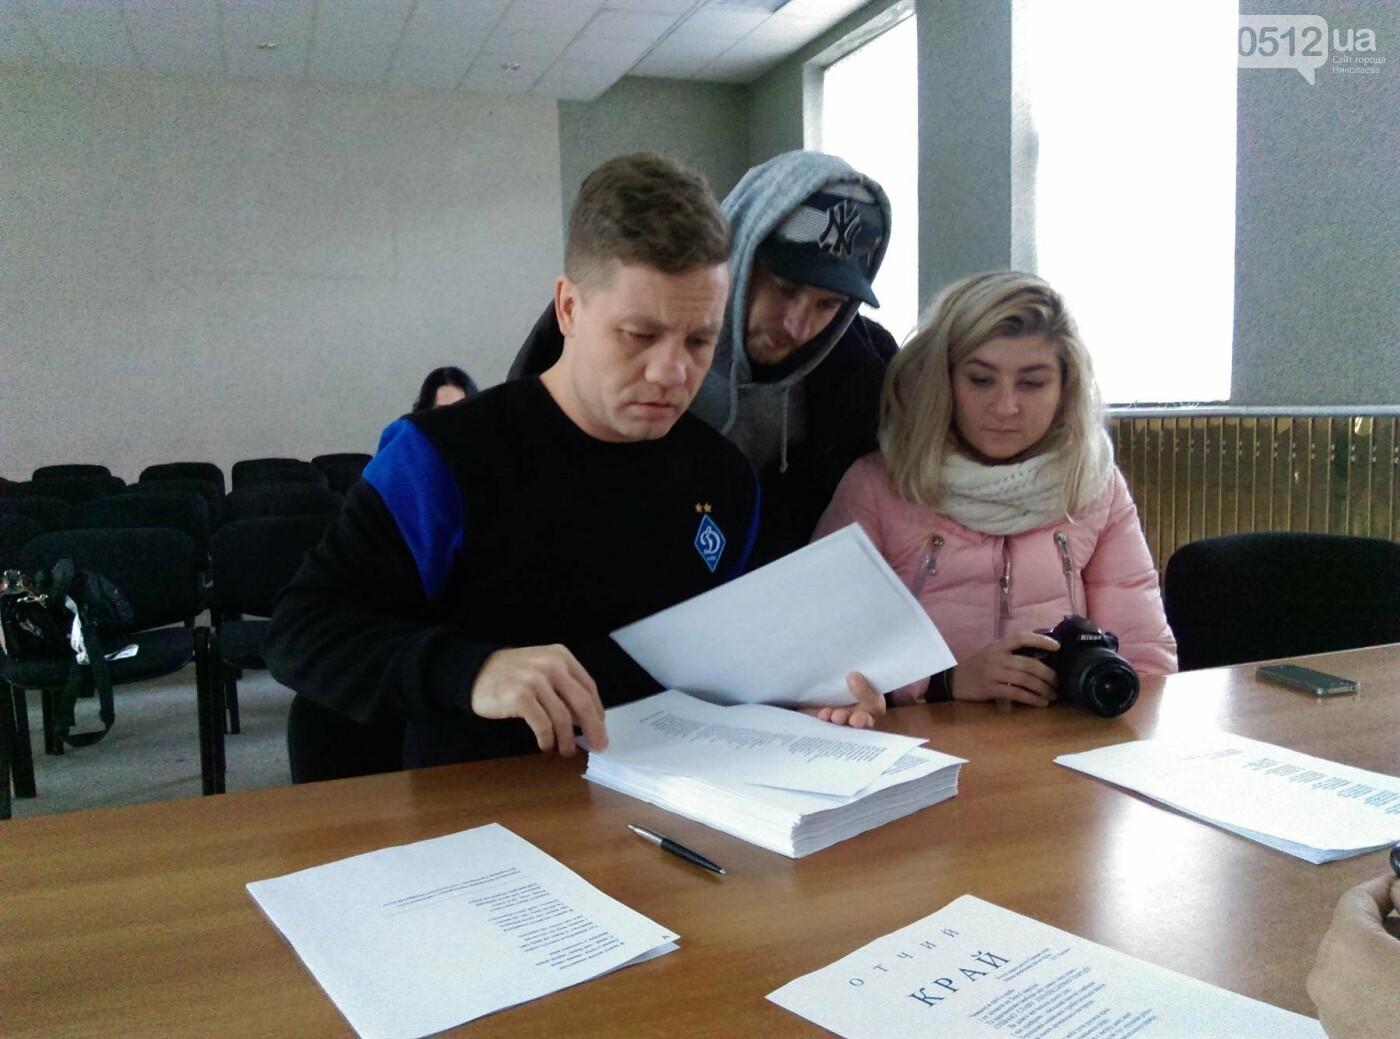 Жители Николаевщины прислали на конкурс 300 страниц поэзии, в надежде выиграть iPhone Х от губернатора Савченко, фото-2